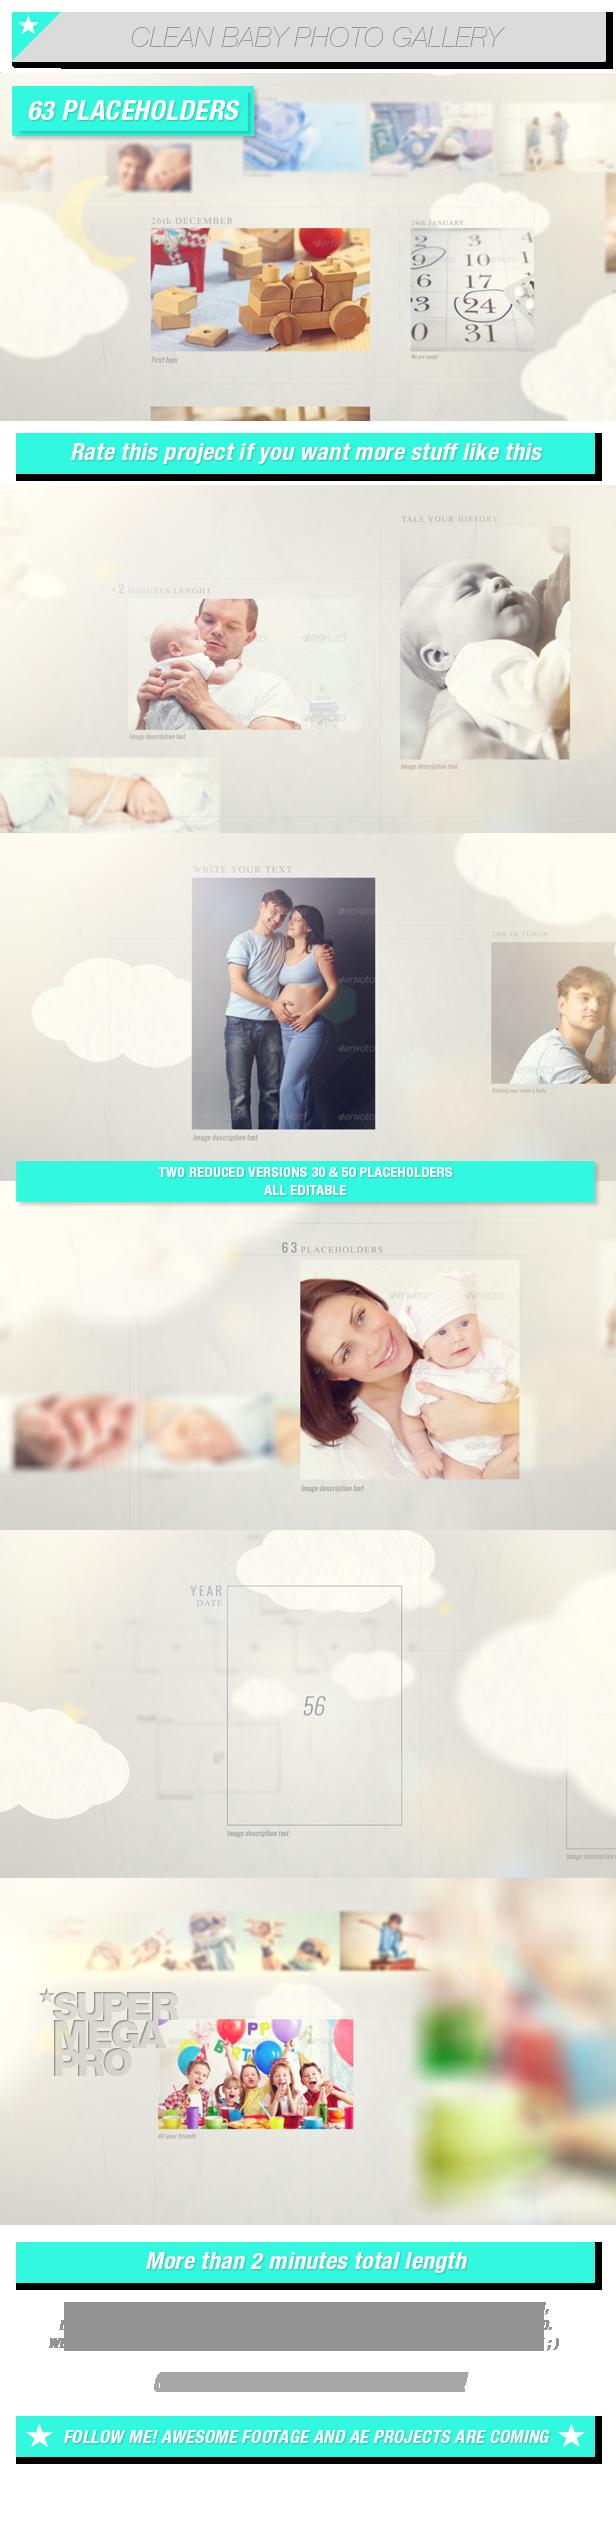 description-clean-baby-photo-gallery